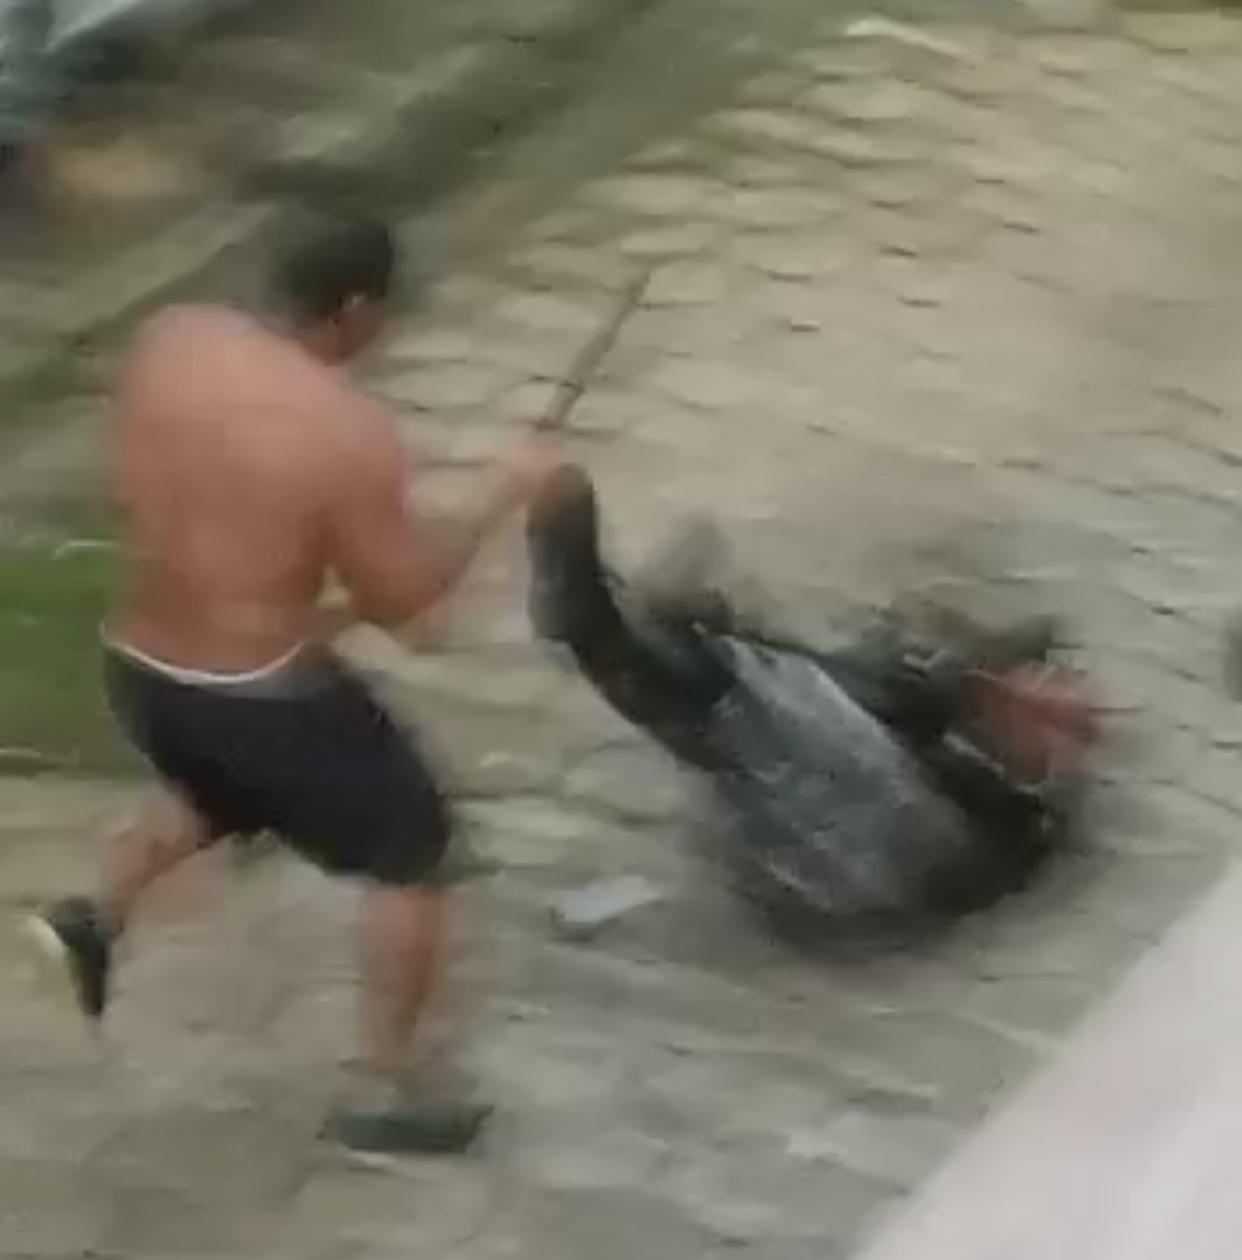 CENAS FORTES: POLICIAL É ATINGIDO COM BARRA DE FERRO MAS REAGE E ATIRA, VEJA VÍDEOS